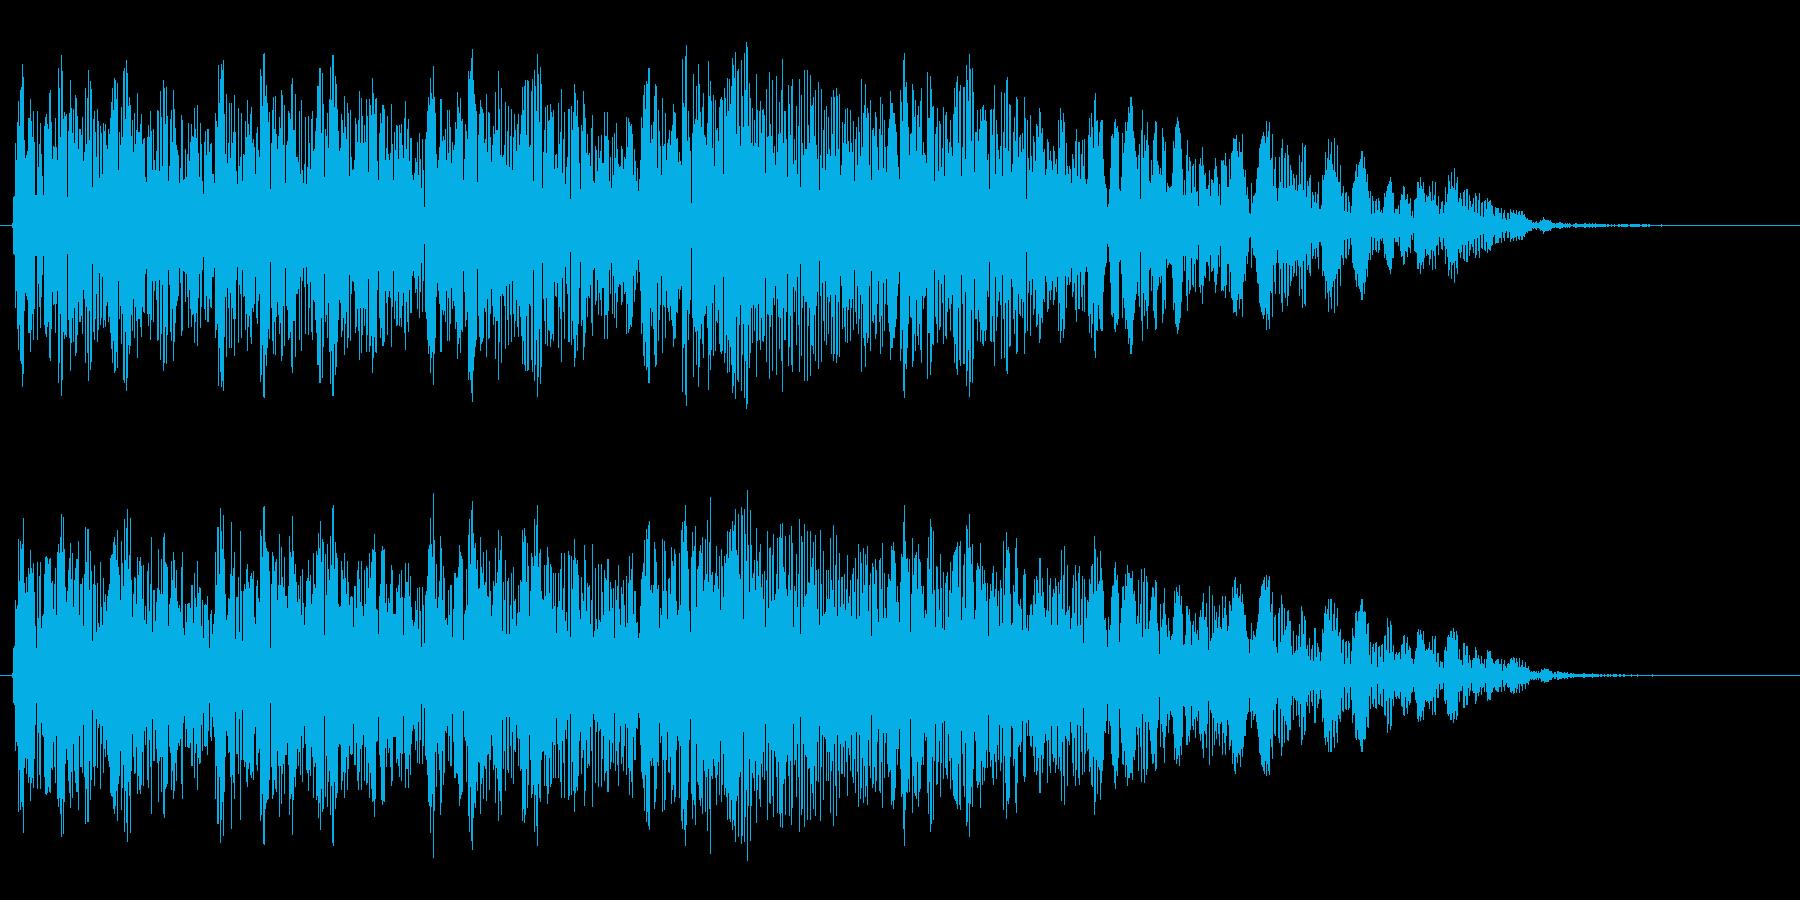 ブォーンブォーン・・・(不吉な効果音)の再生済みの波形